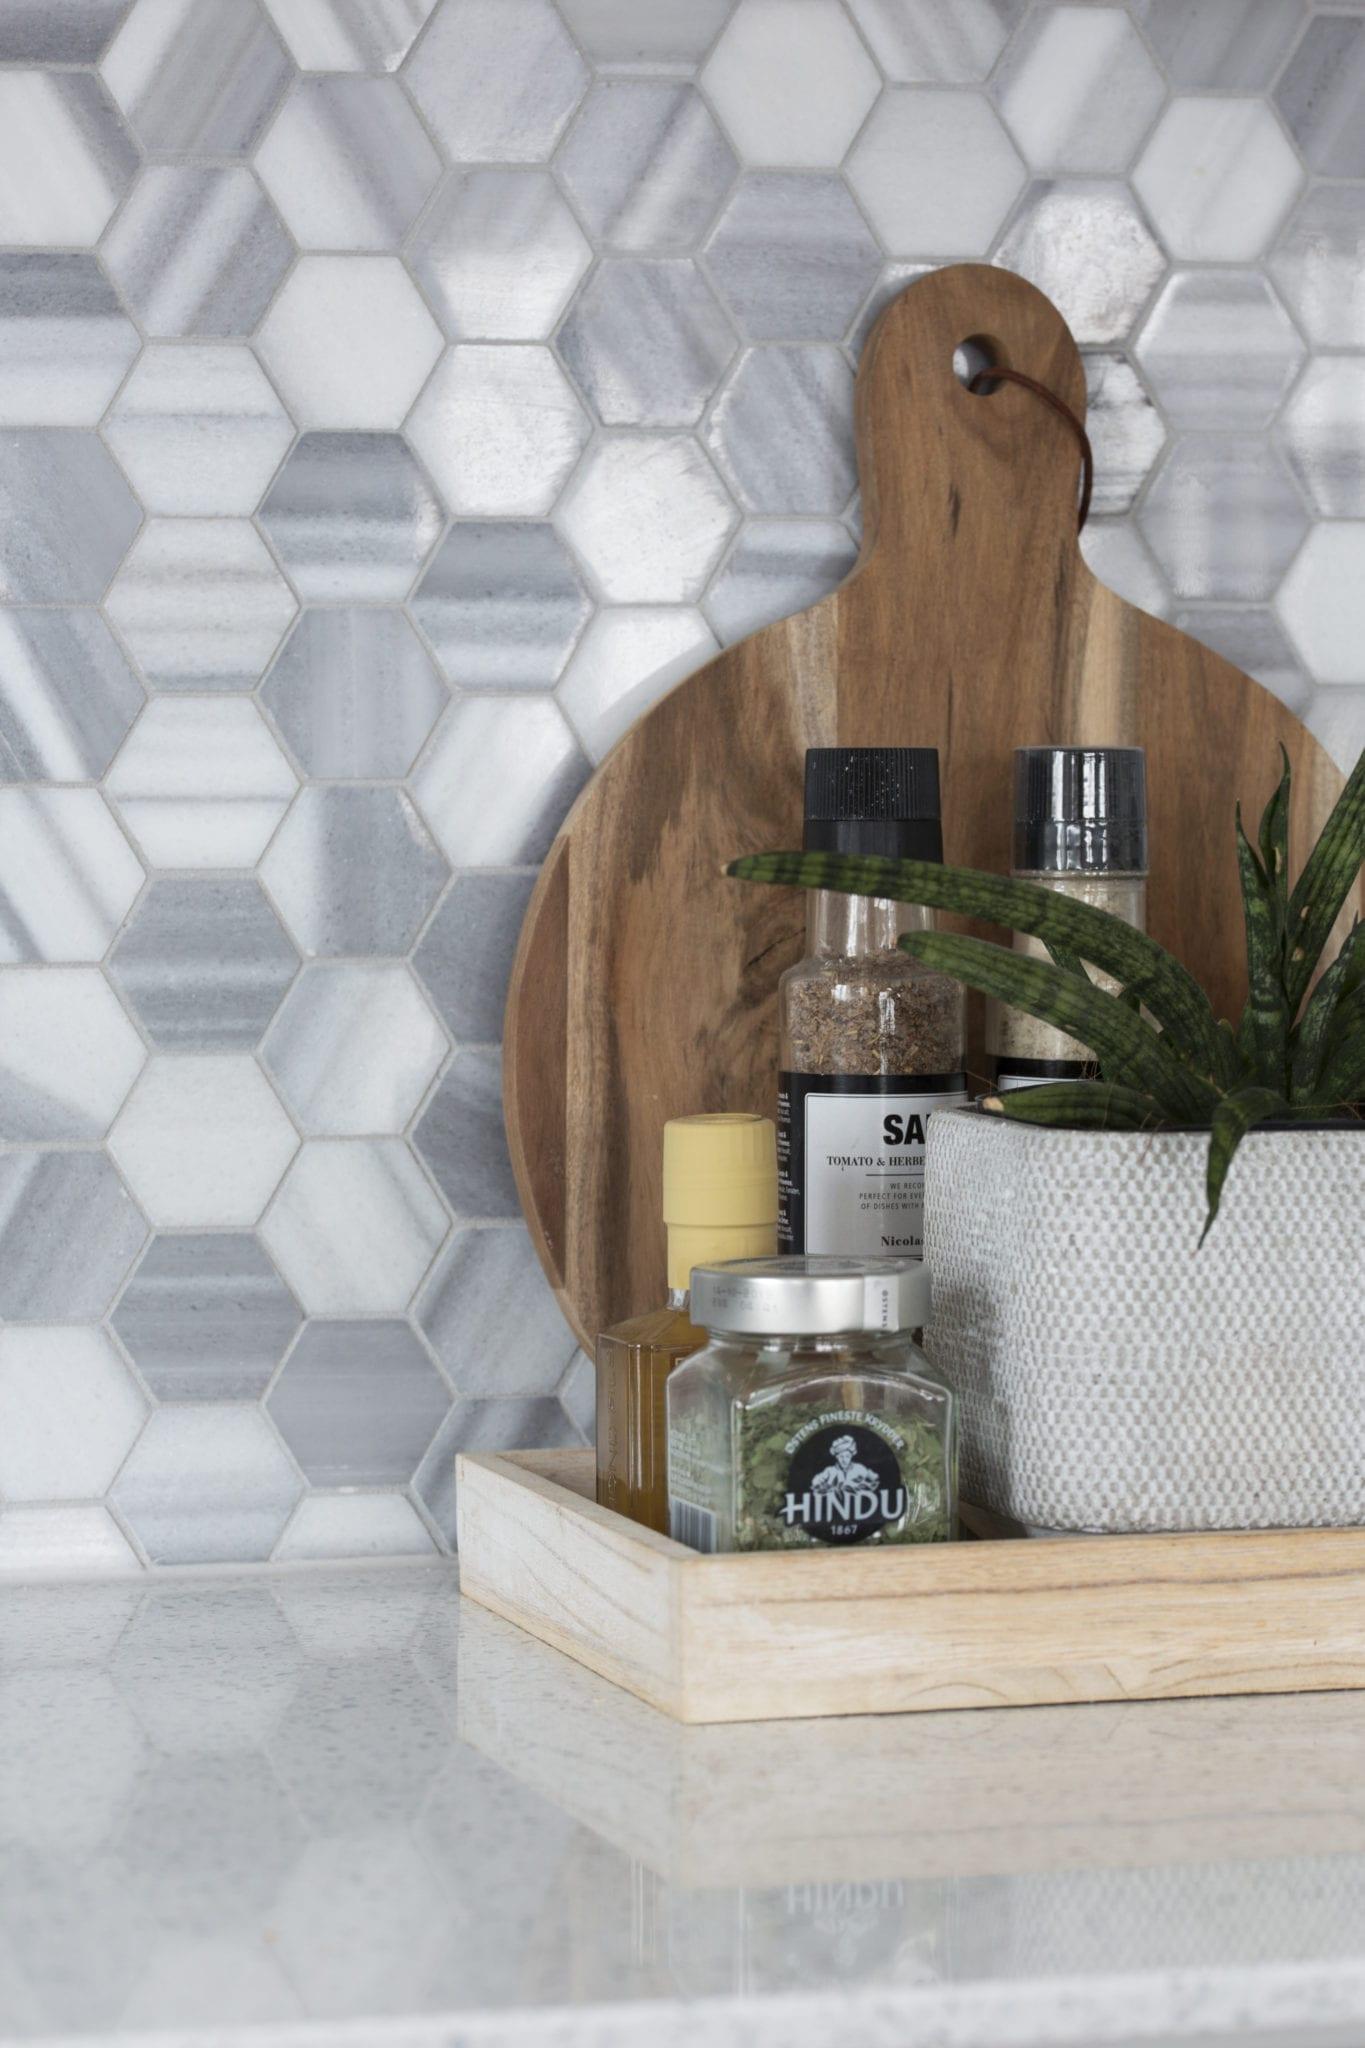 Detaljbilde av grå heksagonale fliser. I forgrunnen er det et skjærebrett med ulike kryddere foran.